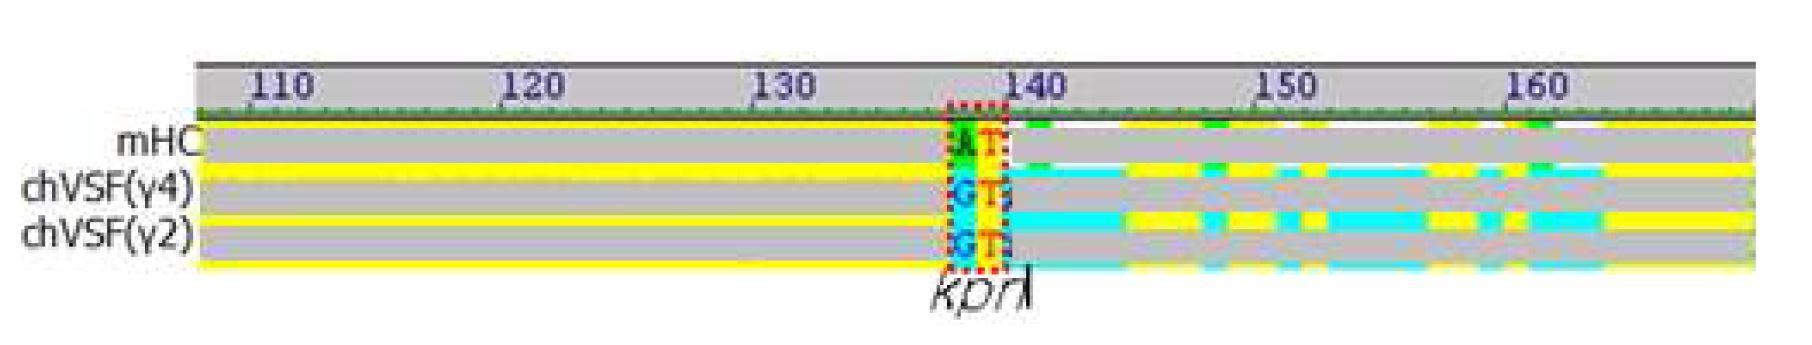 그림 4. 1세대 chVSF와 mVSF의 heavy chain 아미노산 서열 alignment